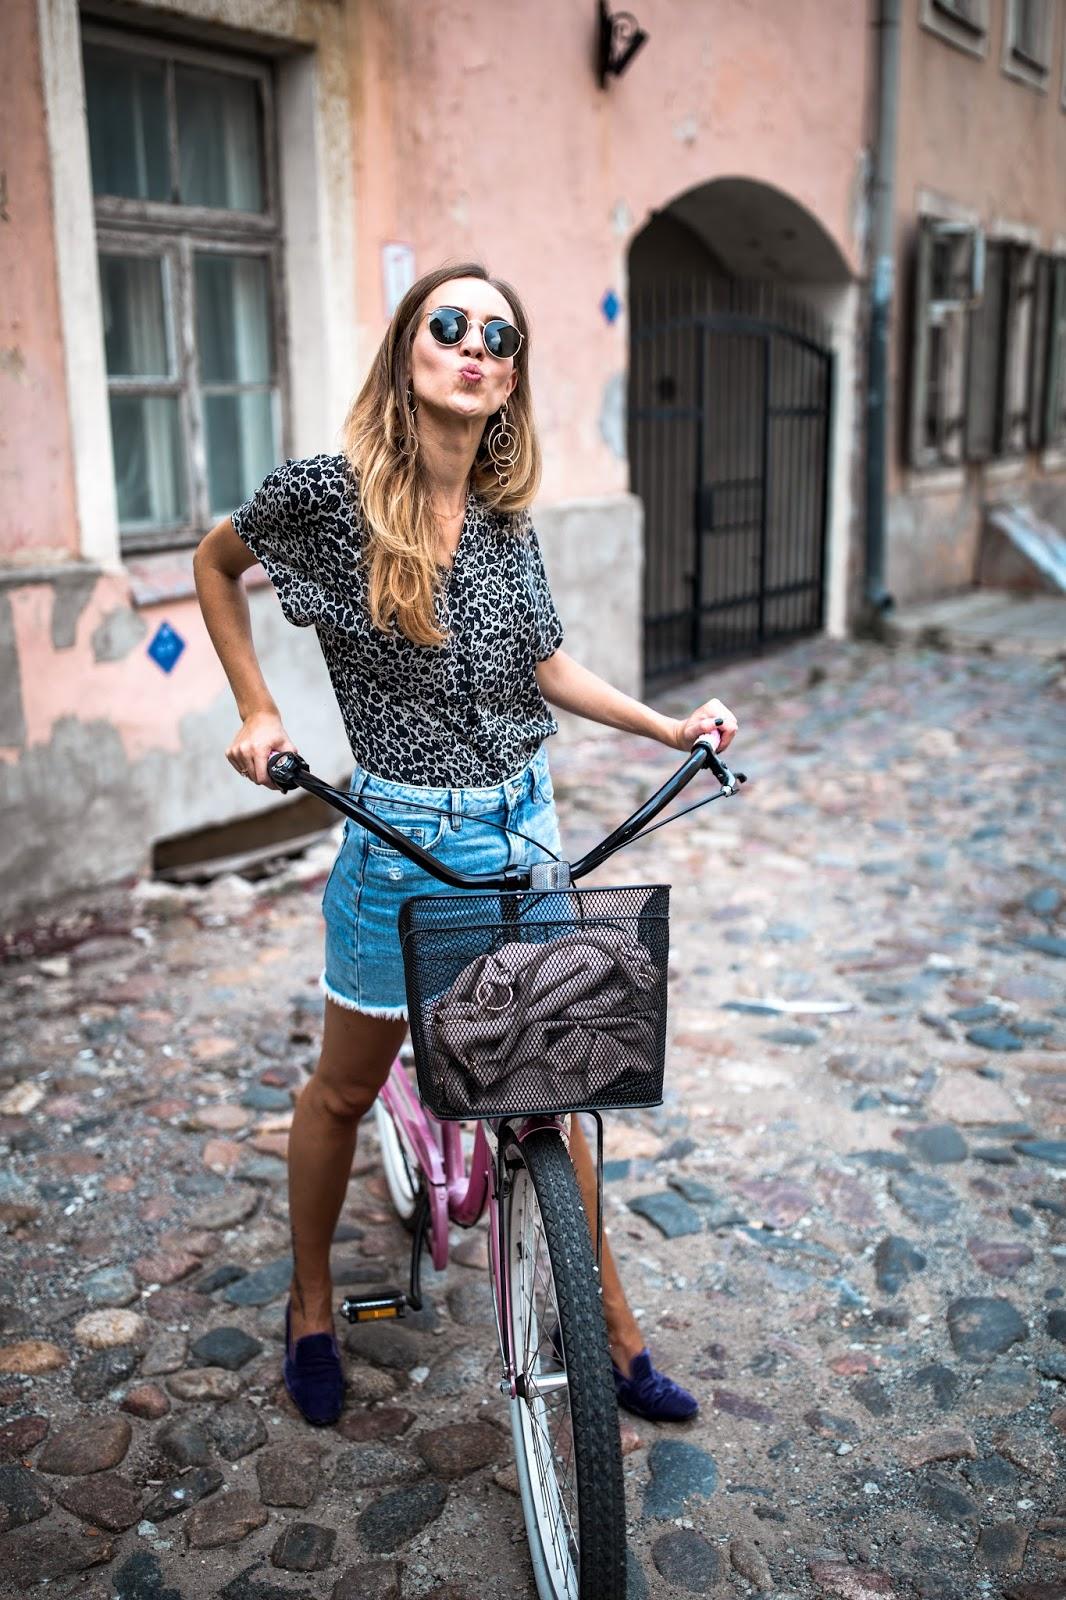 girl bike summer fun